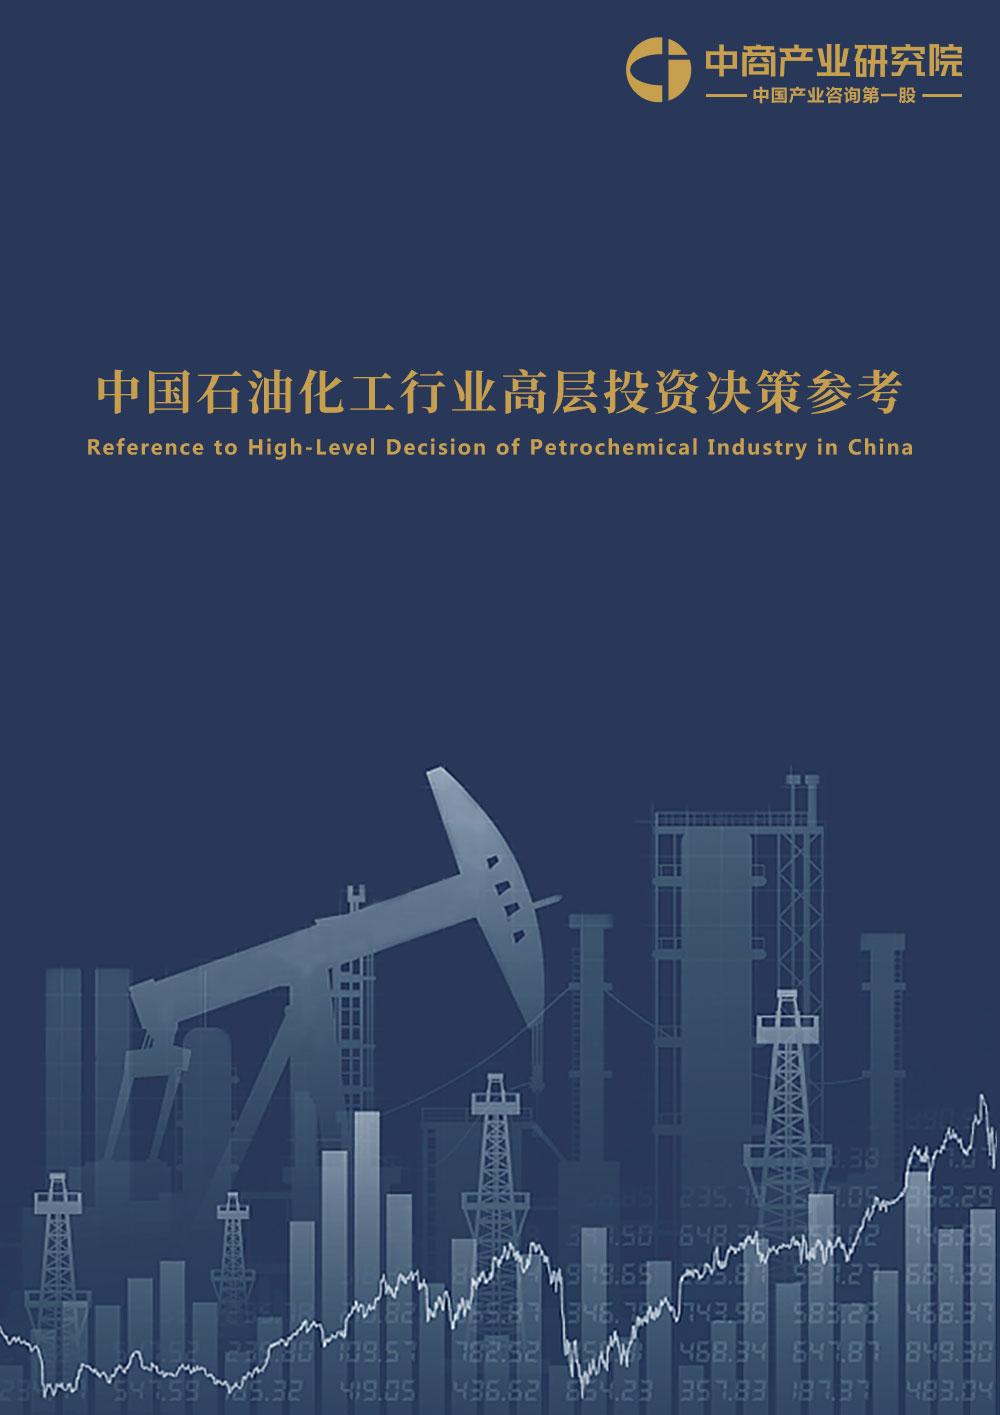 中国石油化工行业投资决策参考(2019年10月)